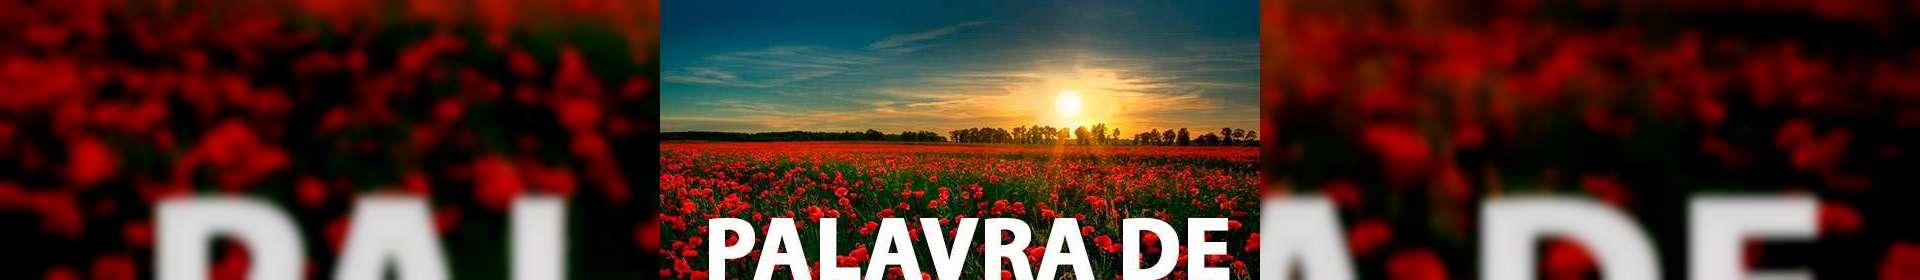 Salmos 105:43 - Uma Palavra de Esperança para sua vida